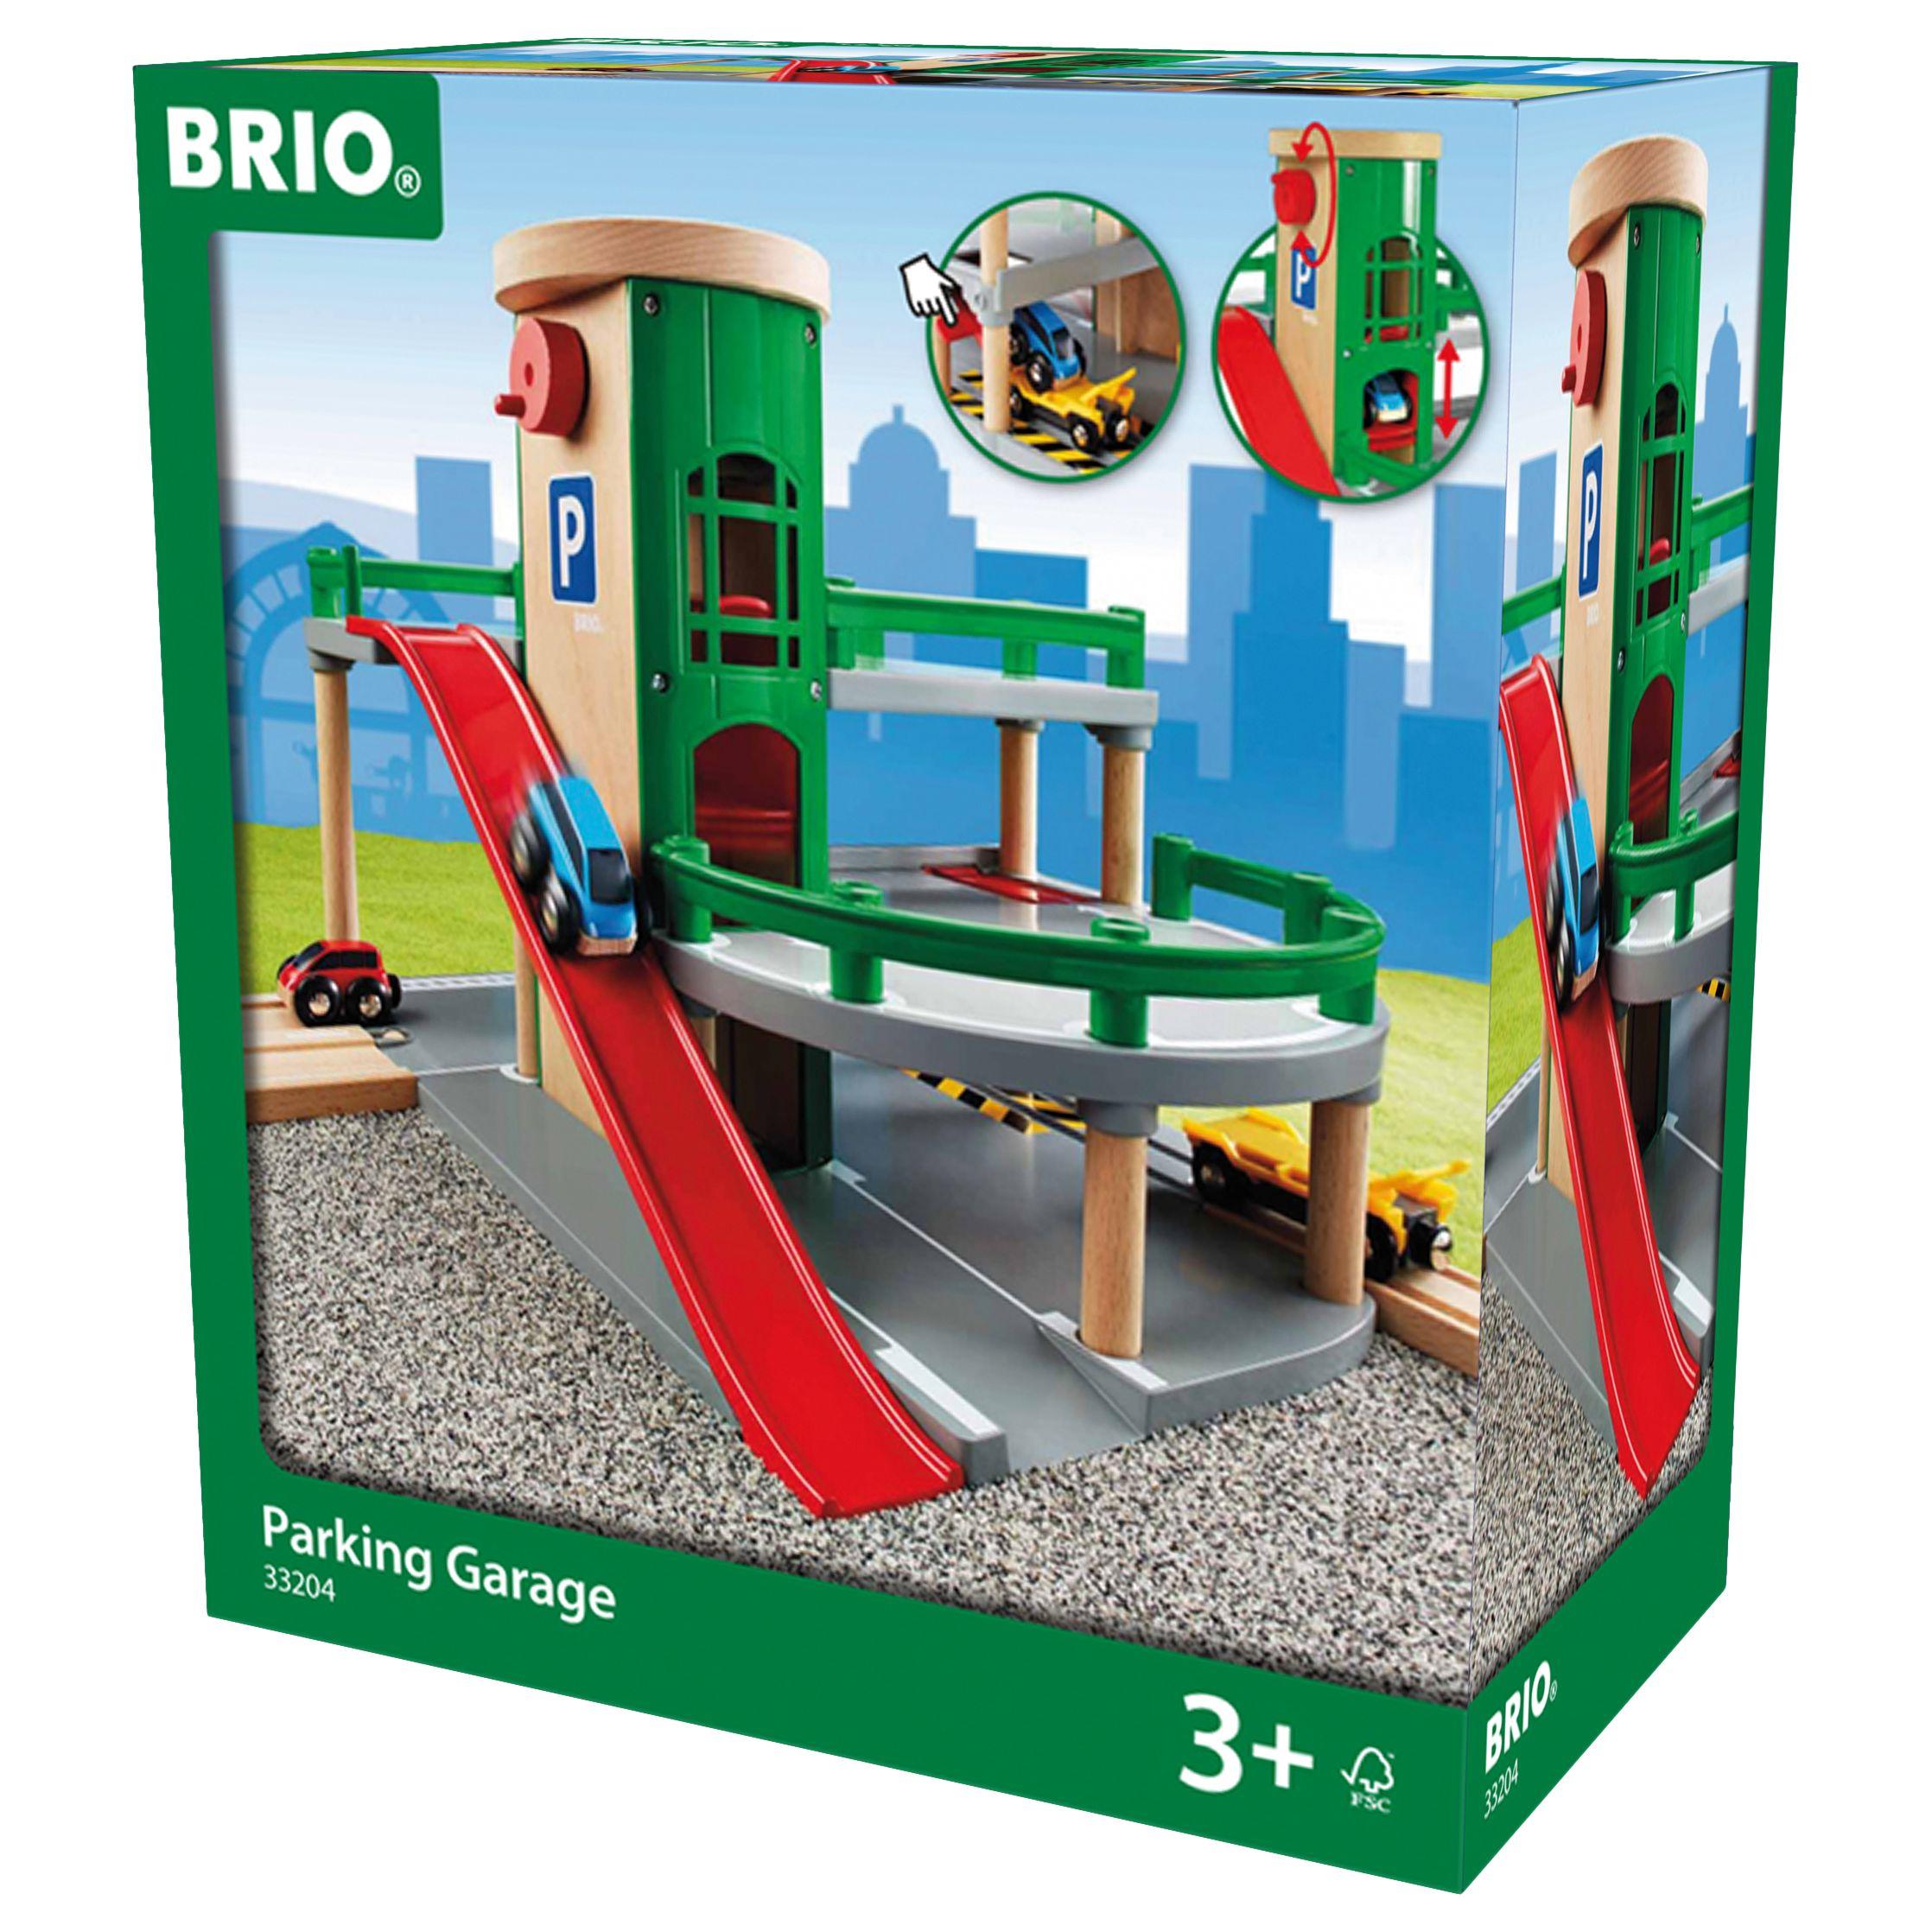 BRIO BRIO World Parking Garage